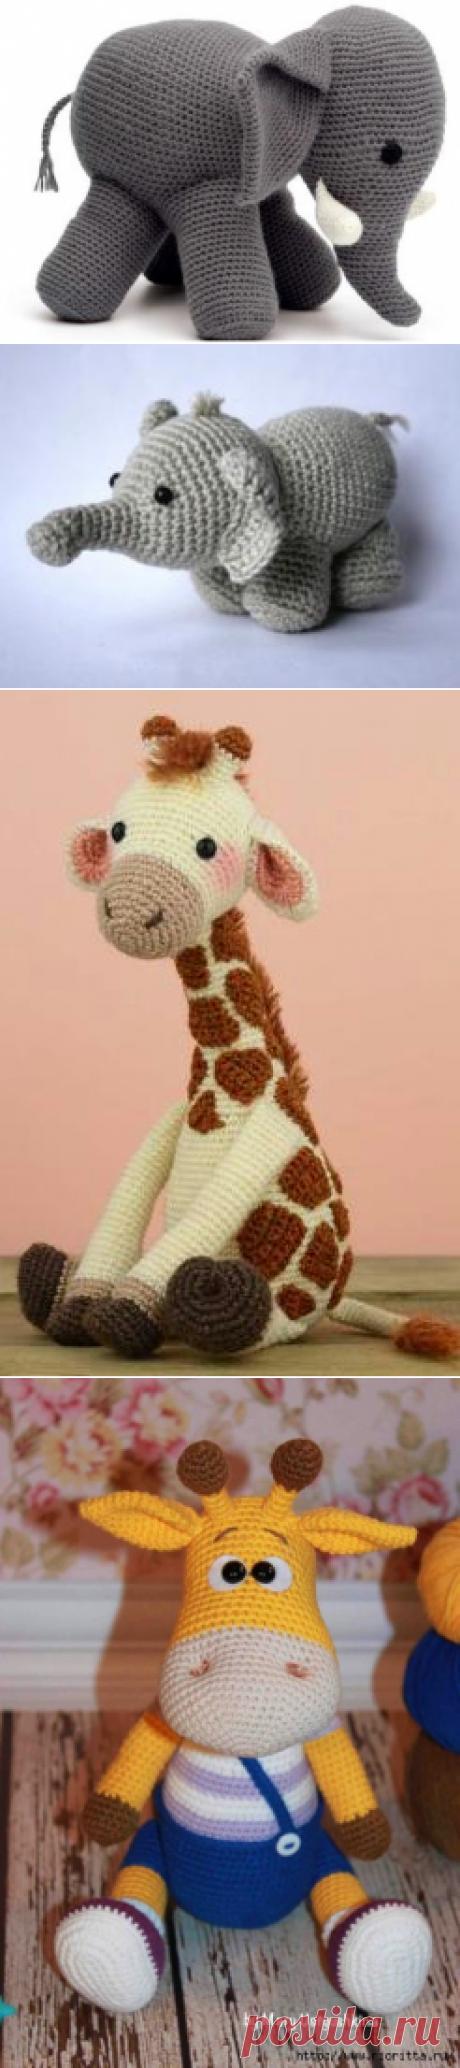 вязаные слоники, жирафы, бегемоты, кенгуру | Записи в рубрике вязаные слоники, жирафы, бегемоты, кенгуру | Вязаные игрушки